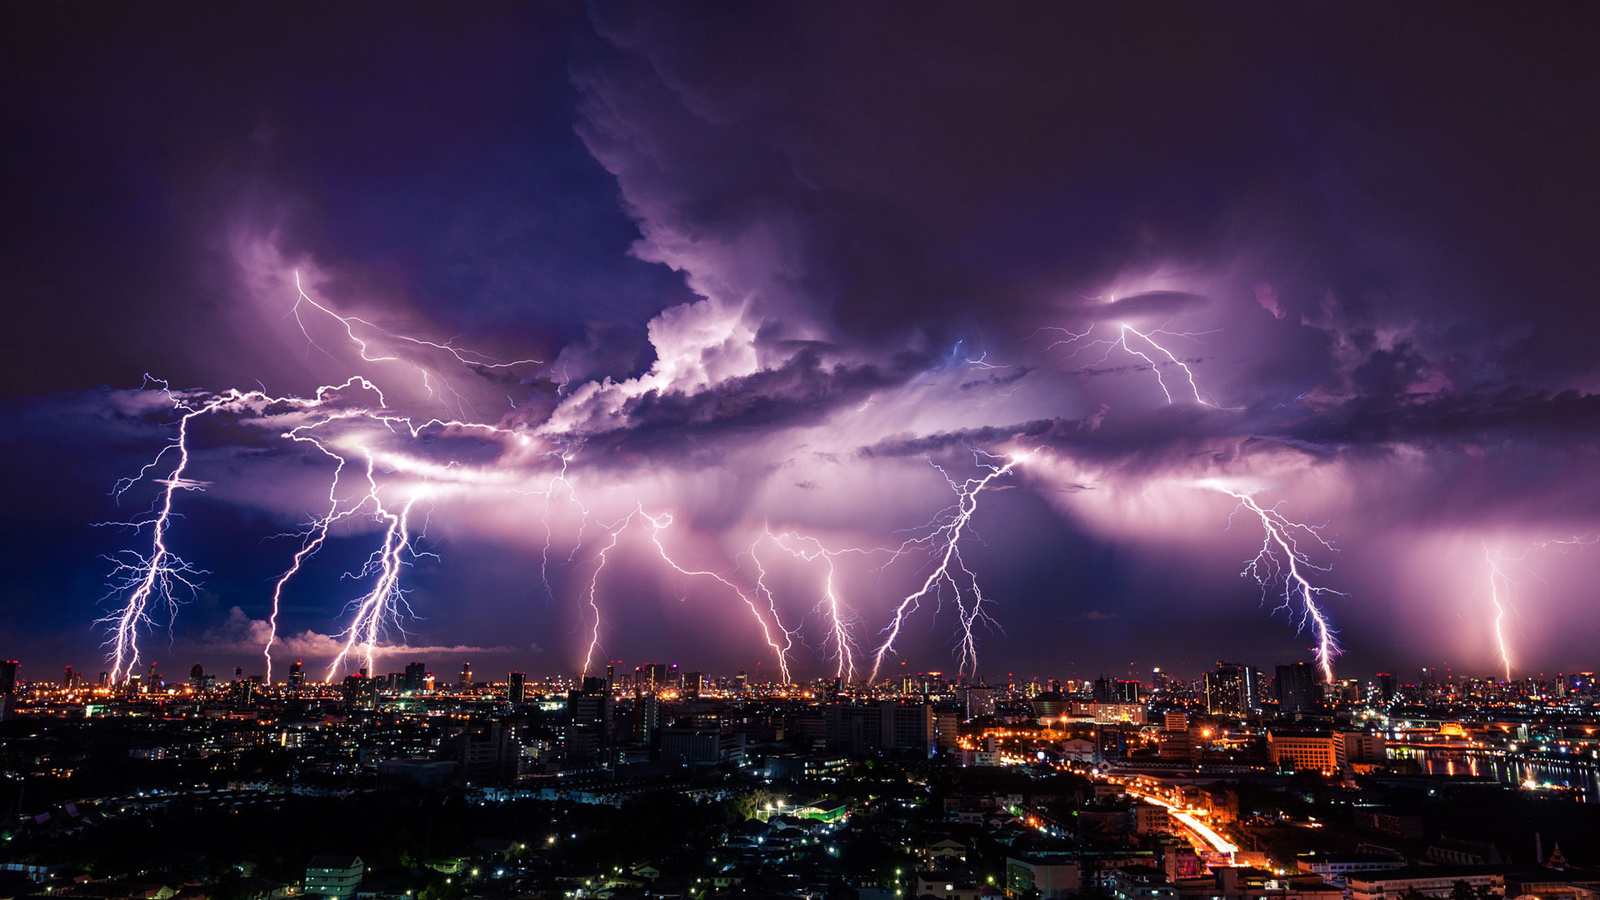 Носителям электронных имплантатов следует опасаться молний